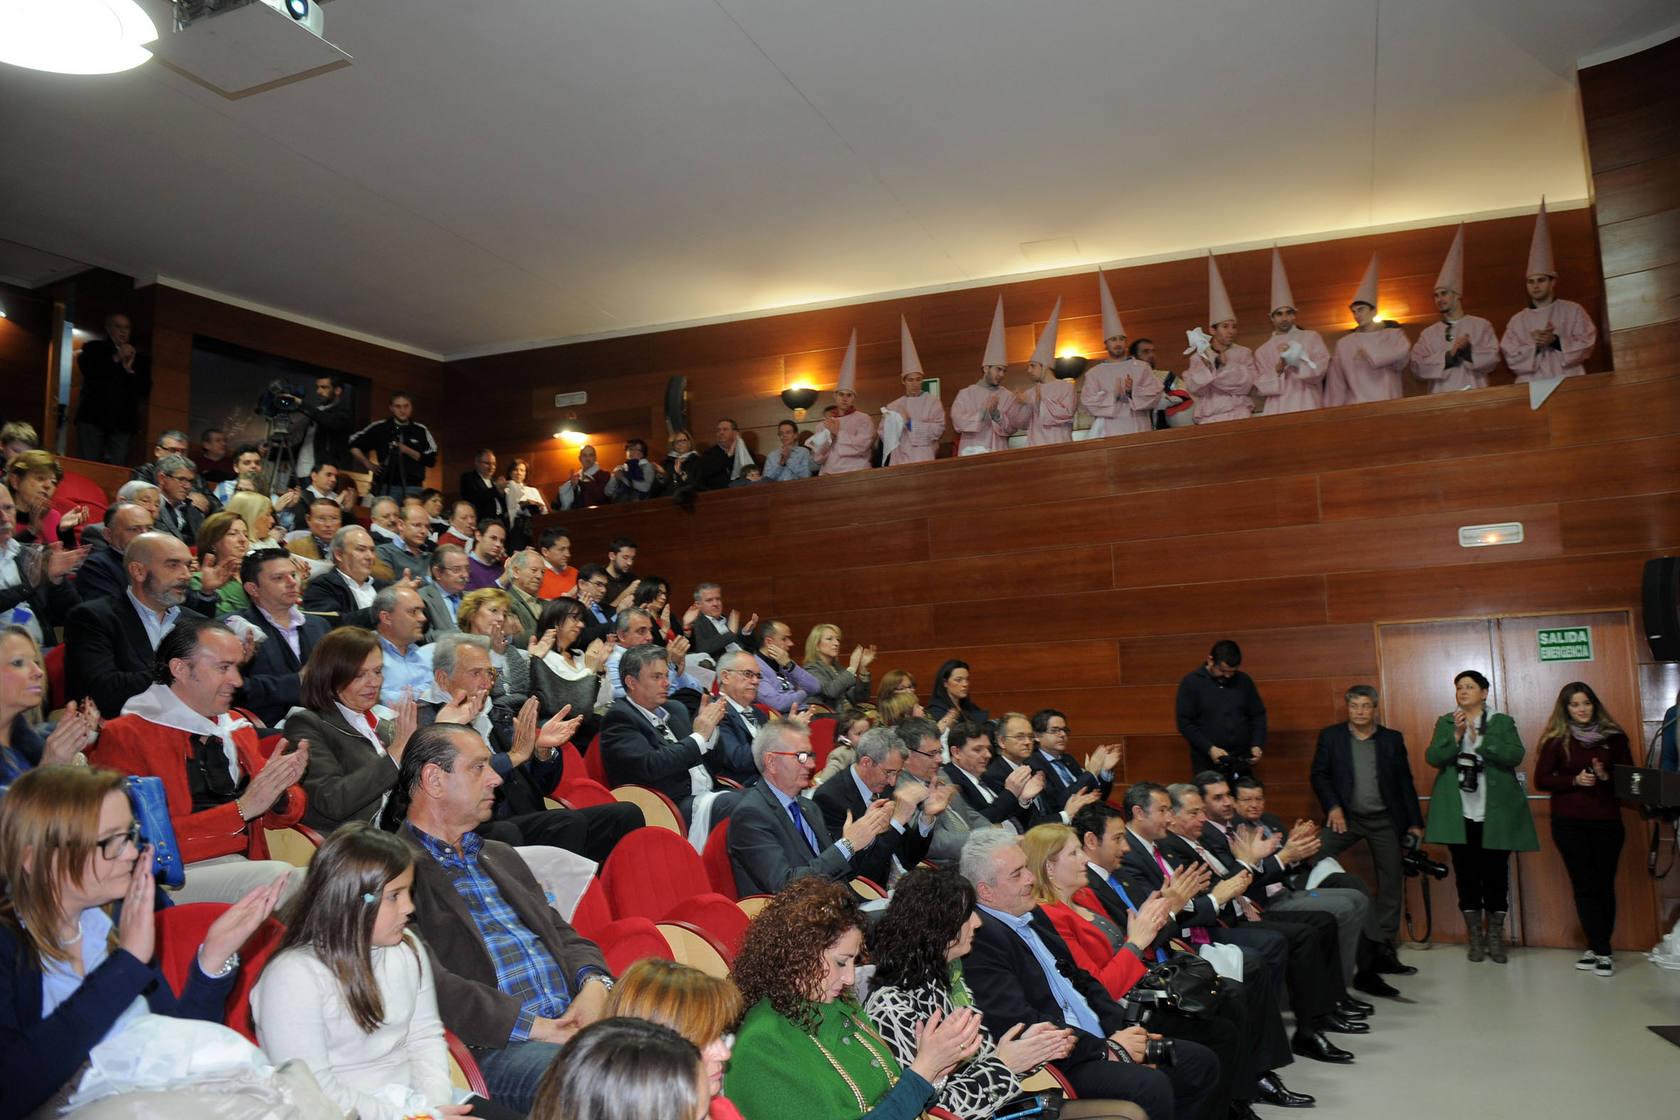 Presentación del cartel del Entierro de la Sardina 2013